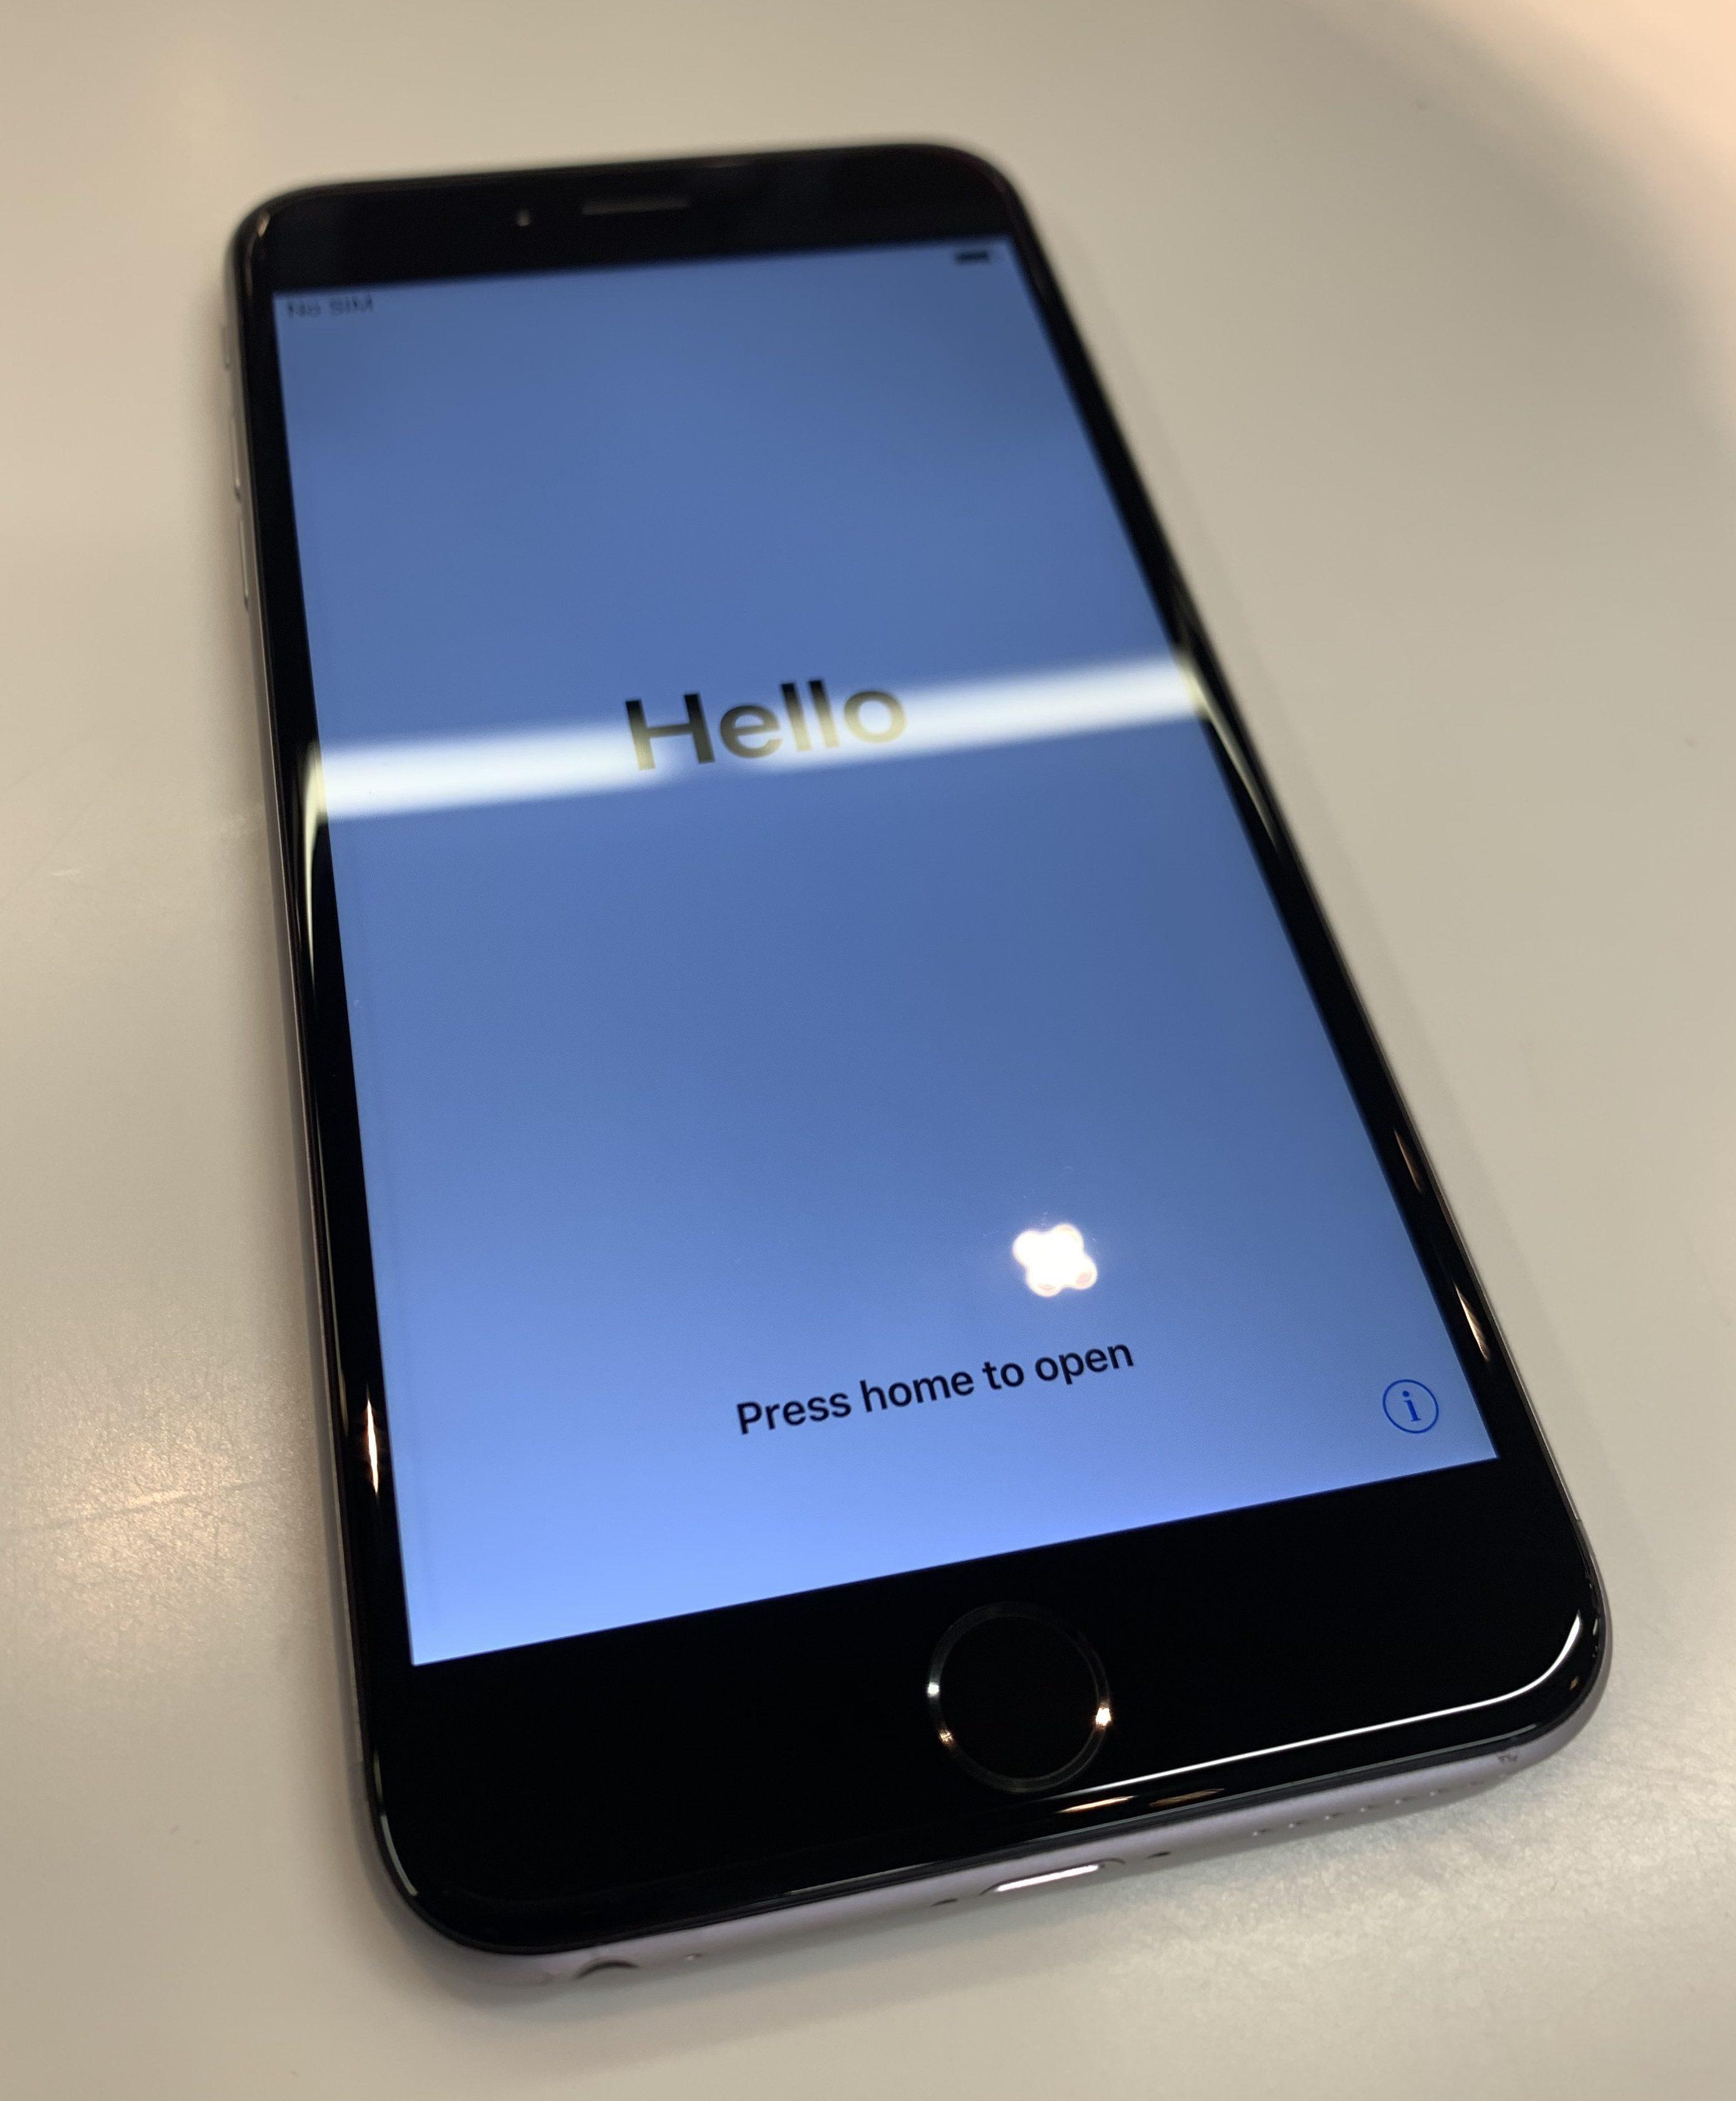 iPhone 6 Plus 16GB, 16 GB, Space Gray, imagen 2